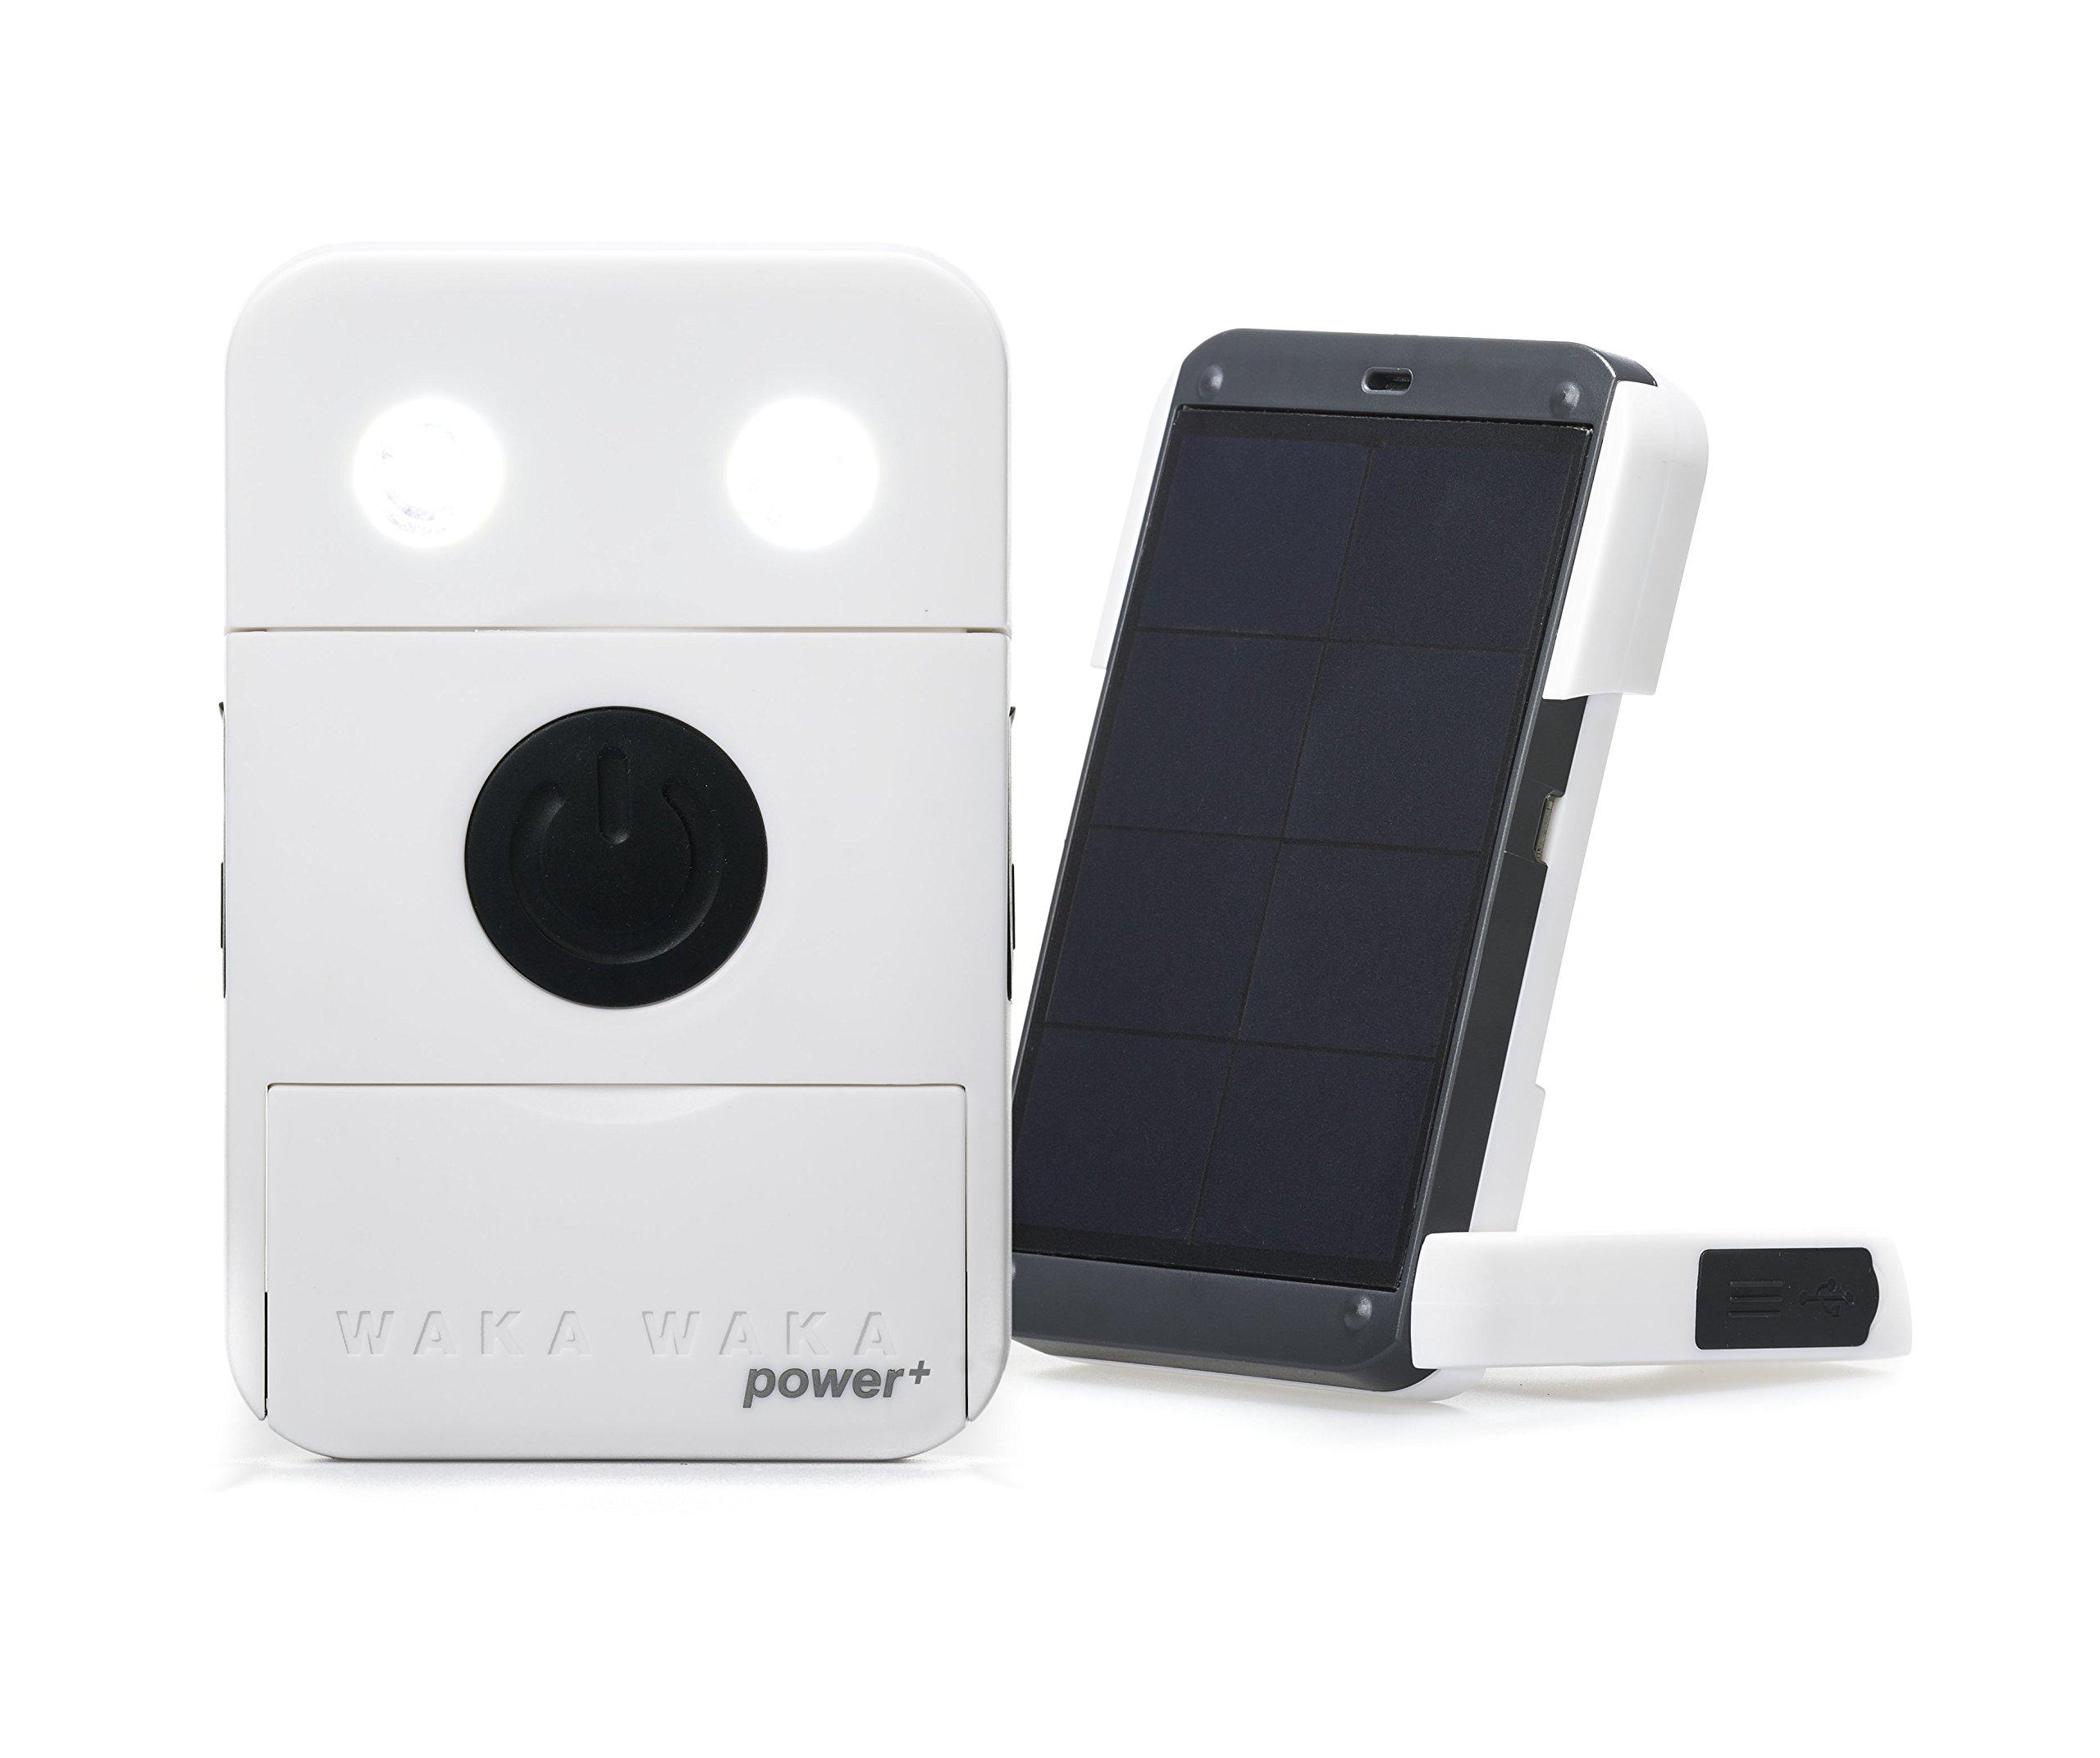 WakaWaka Power+ Solar-Powered Flashlight + Charger - 2200mAh, White